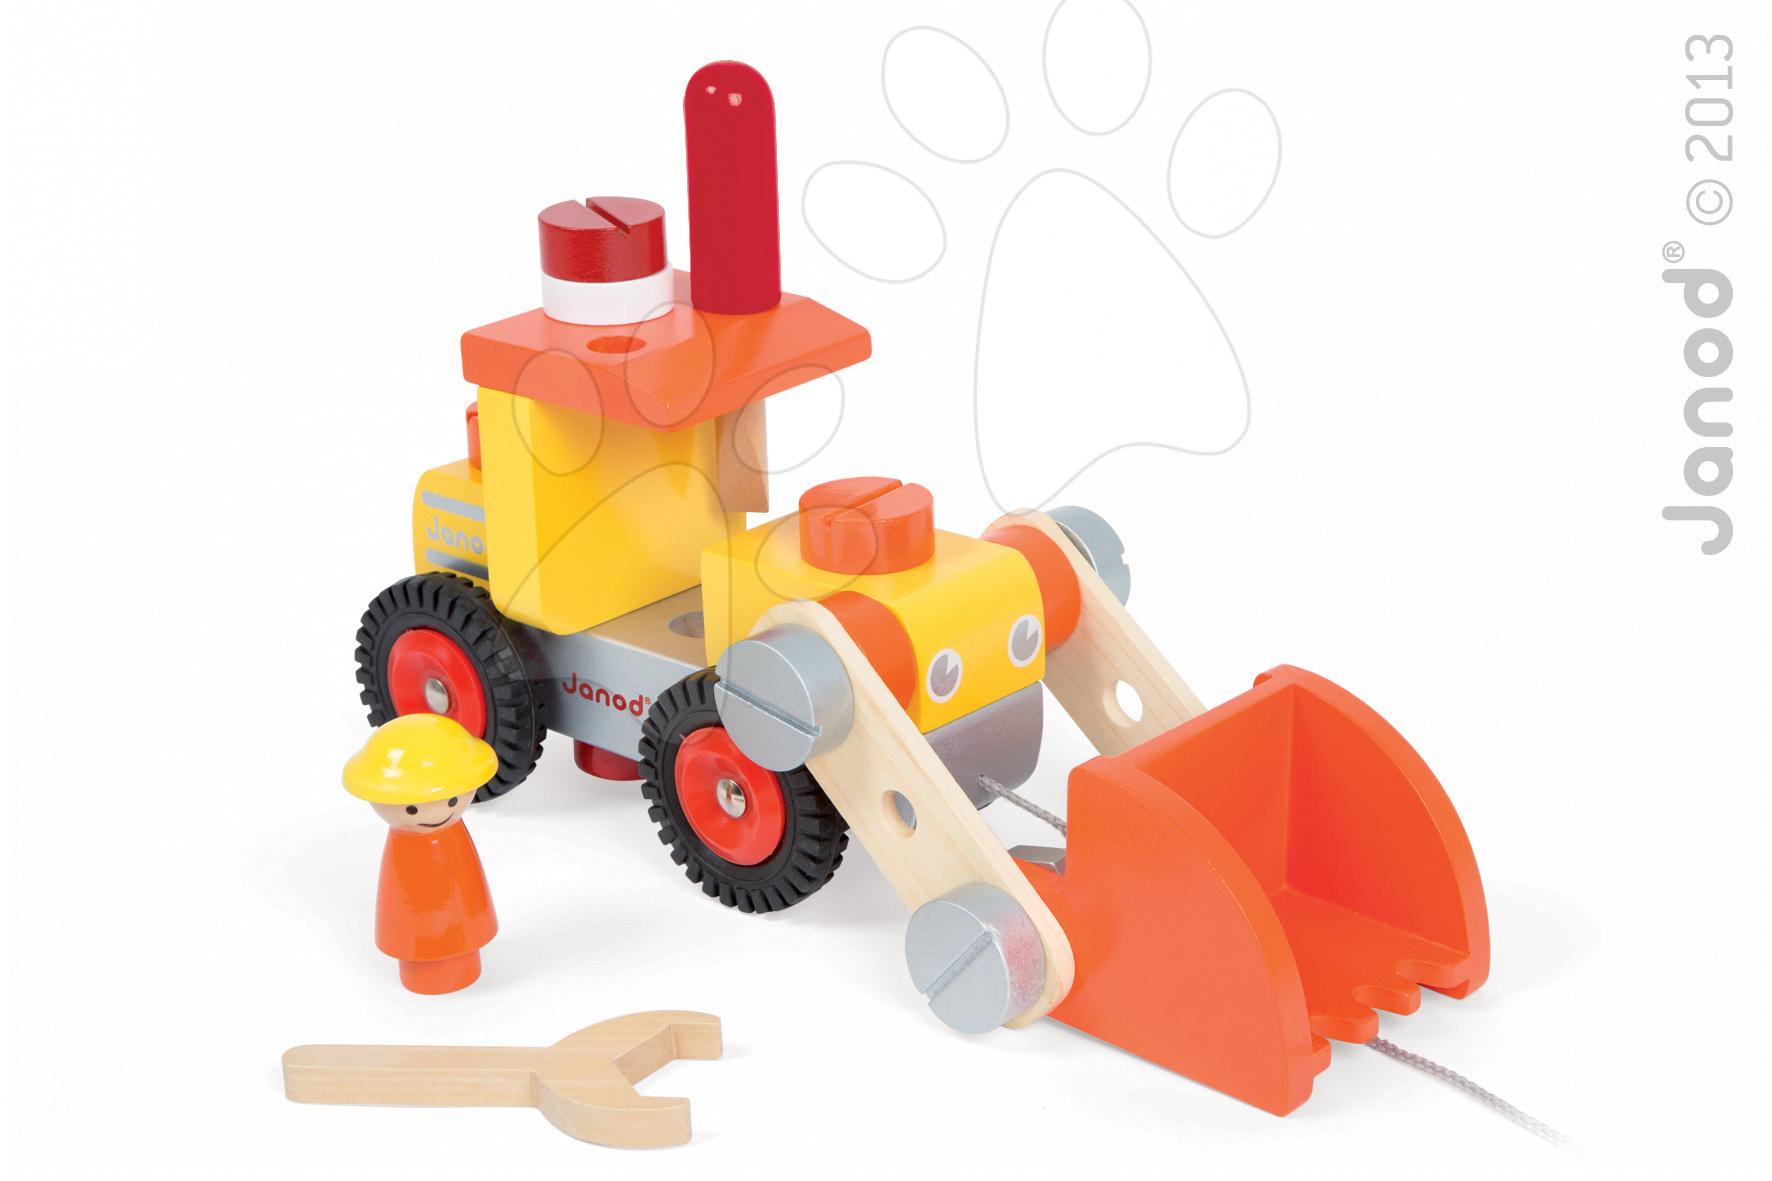 Pracovná detská dielňa - Drevená stavebnica buldozér Redmaster Bricolo Bulldozer Janod s náradím 24 dielov od 24 mes